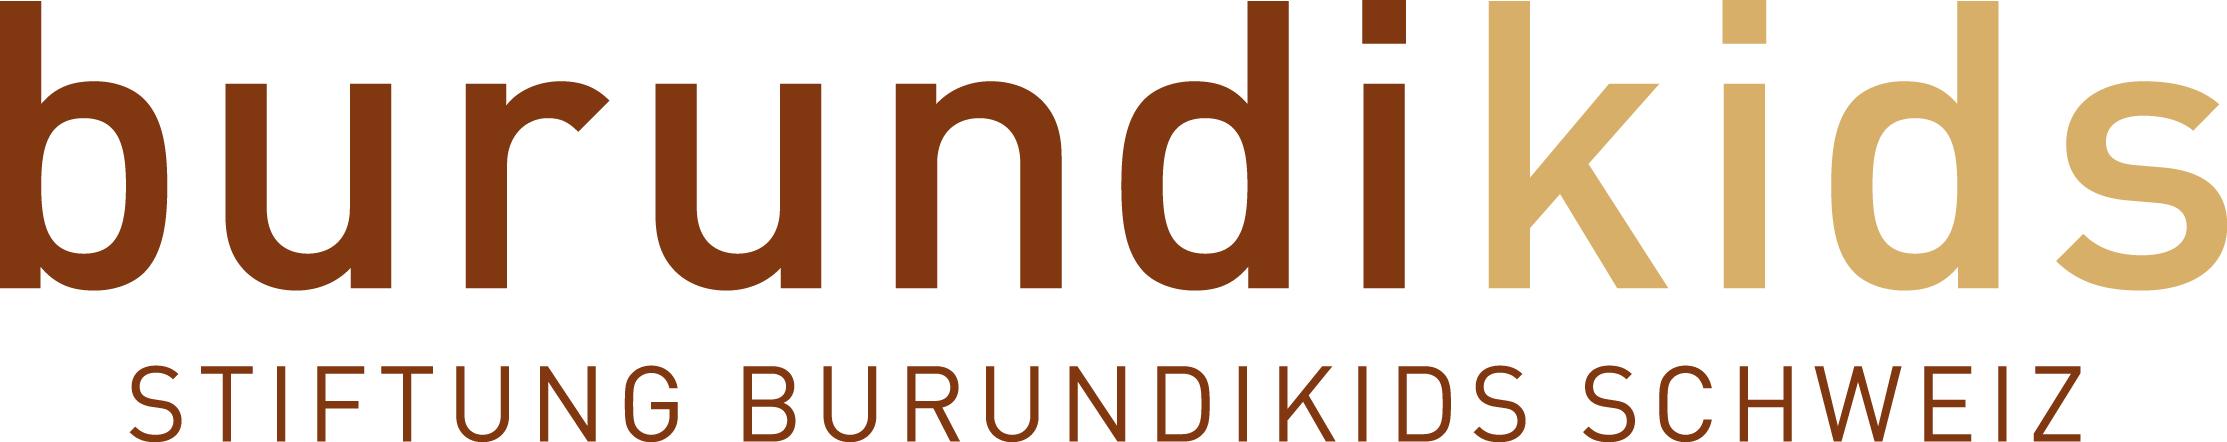 burundikids schweiz